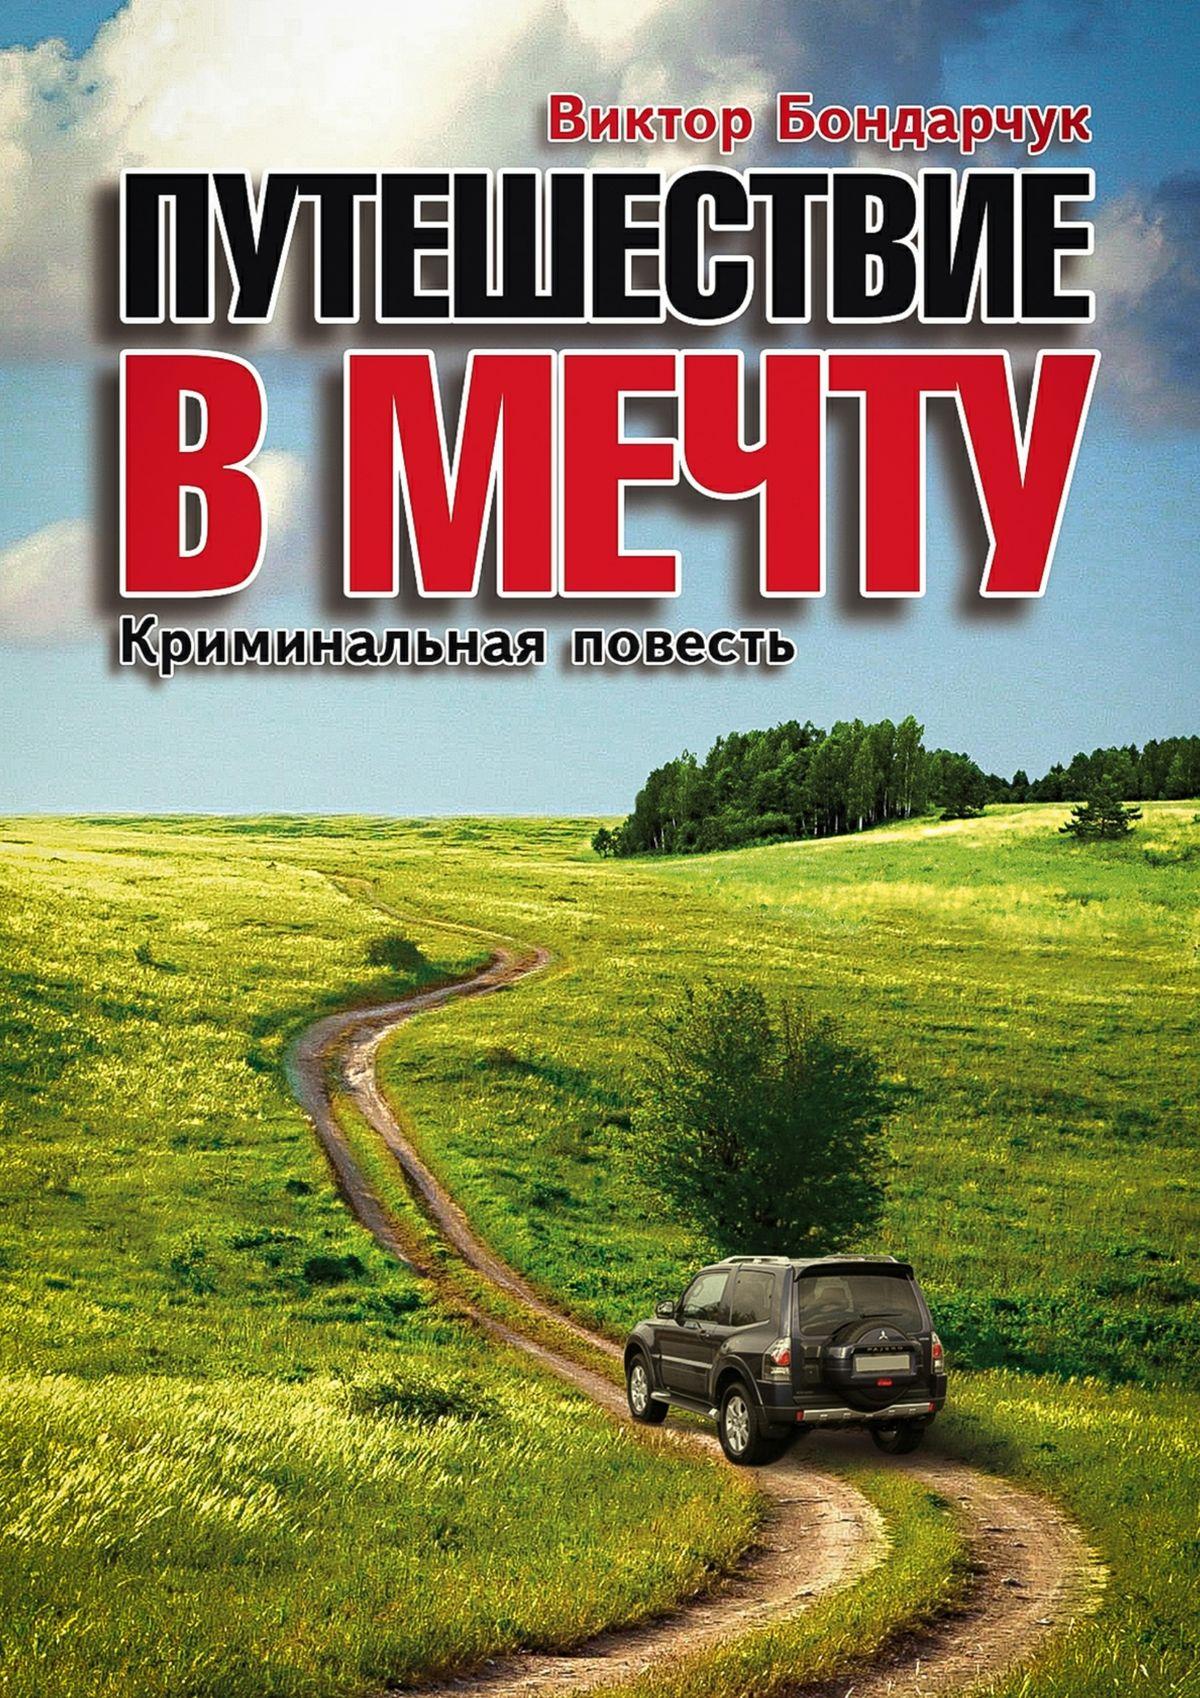 Виктор Бондарчук Путешествие вмечту виктор бондарчук путешествие из